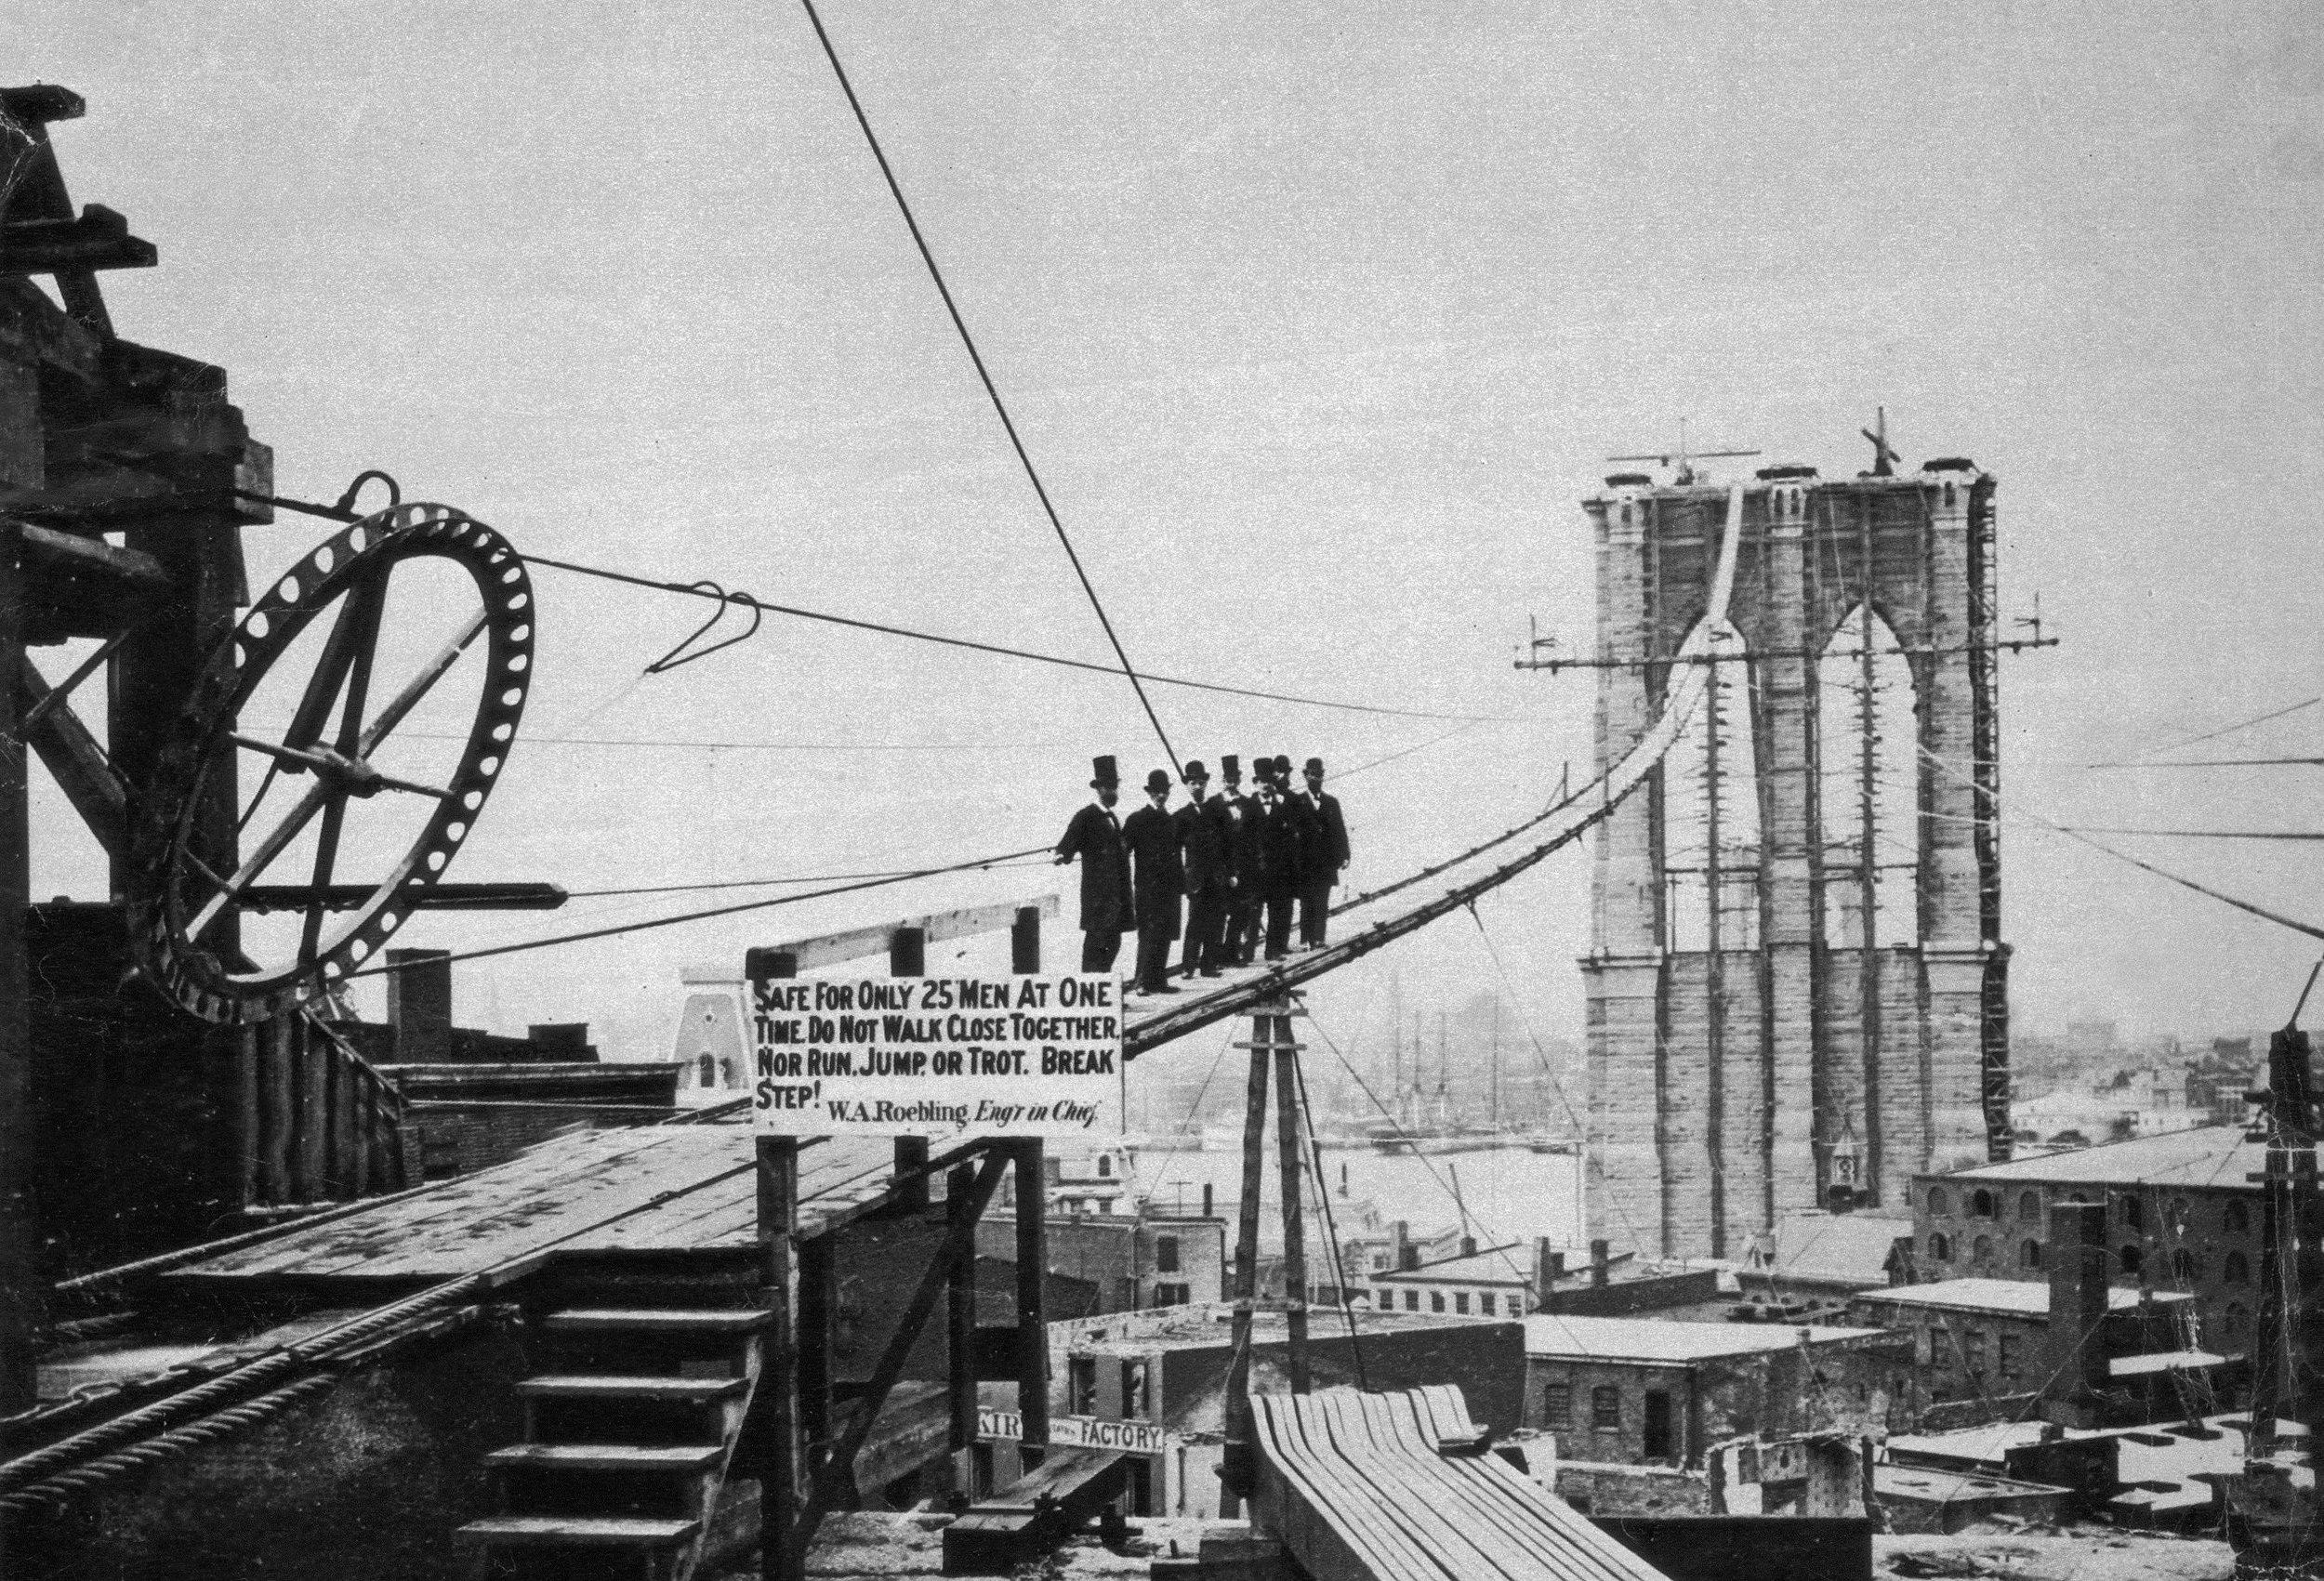 Brooklyn-Bridge-catwalk-2700gty-56a488545f9b58b7d0d76f17.jpg